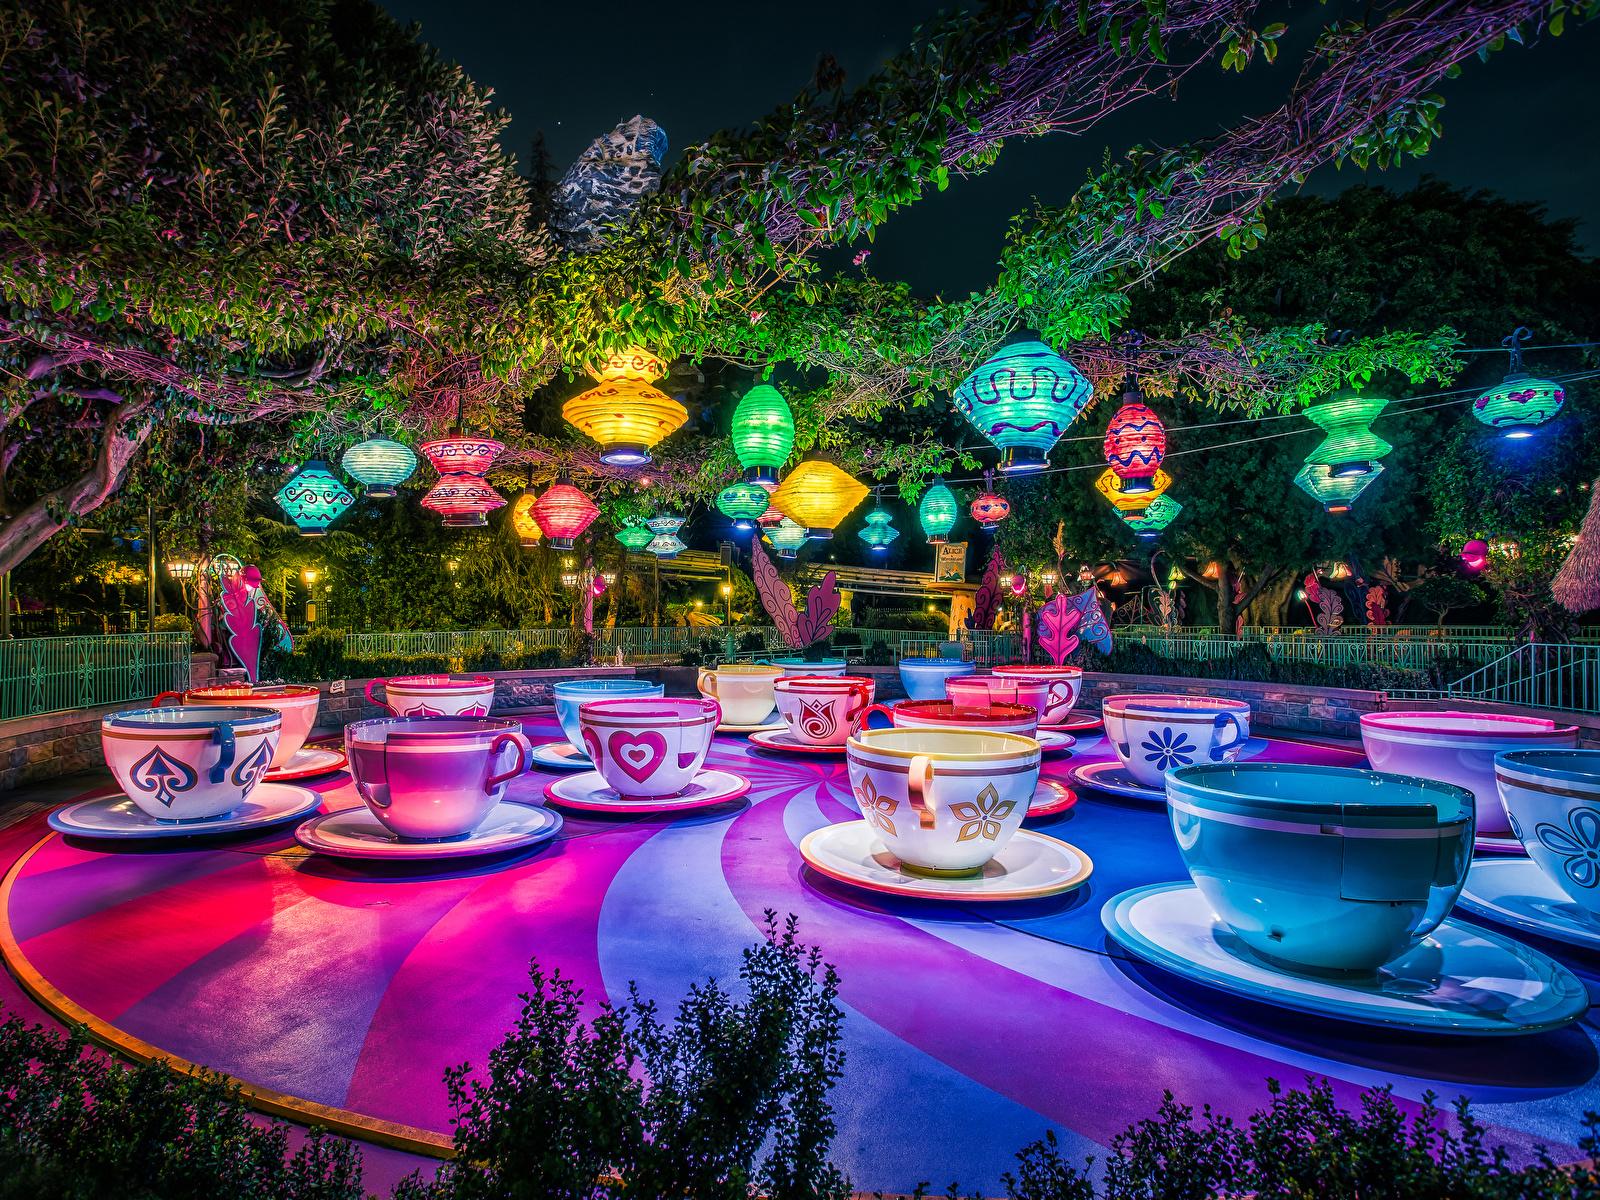 Bilder Anaheim Kalifornien Disneyland Vereinigte Staaten Natur Park Nacht Tasse Design 1600x1200 USA